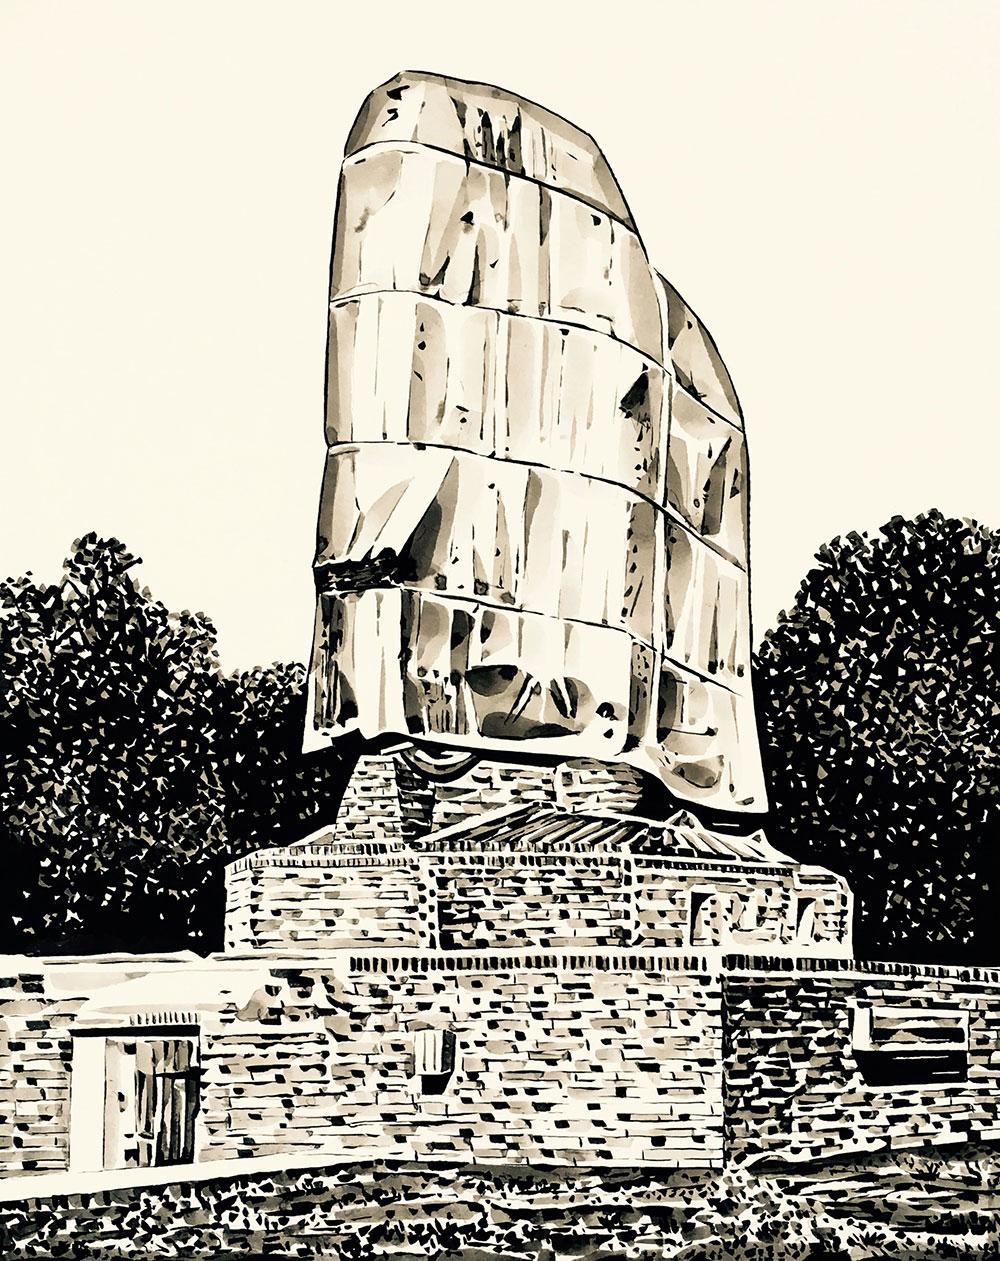 Fernando Bryce, Zeichnung ausUnvergessenes Land, 2017Serie von 25 Zeichnungen, Tusche auf Papier, 50 x 35 cm, Courtesy der Künstler und Galerie Barbara Thumm, Berlin